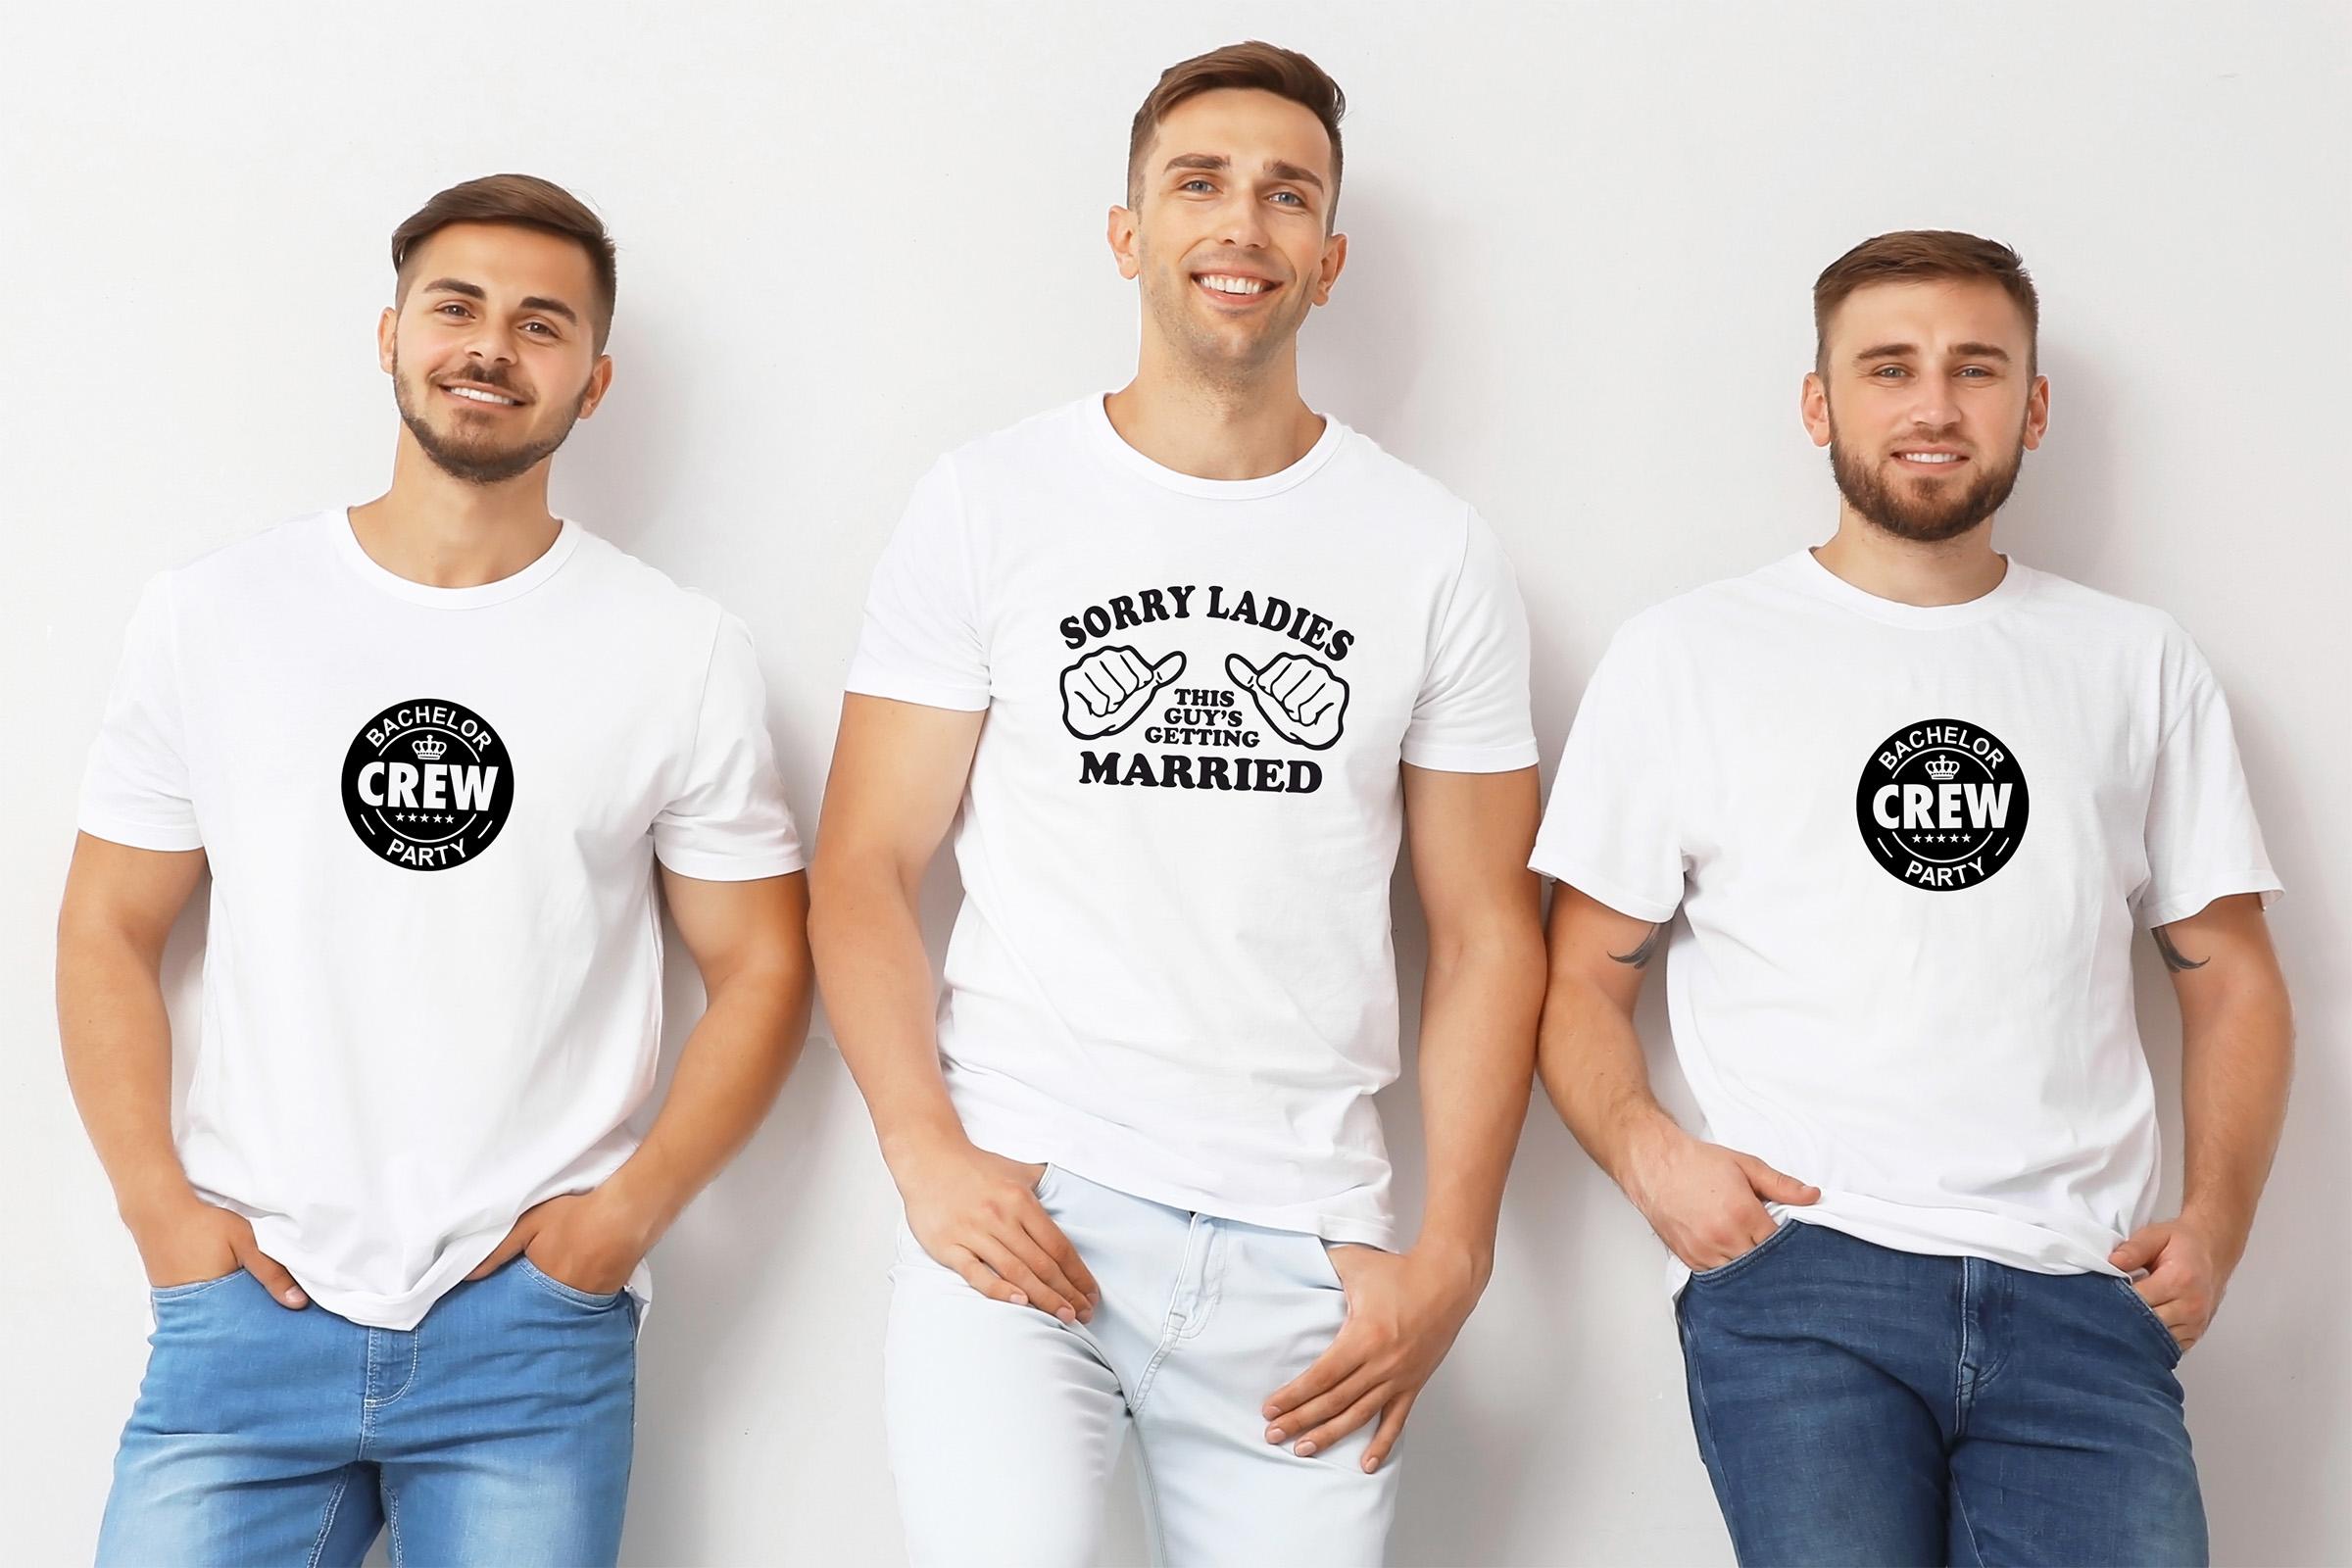 Bachelor Crew